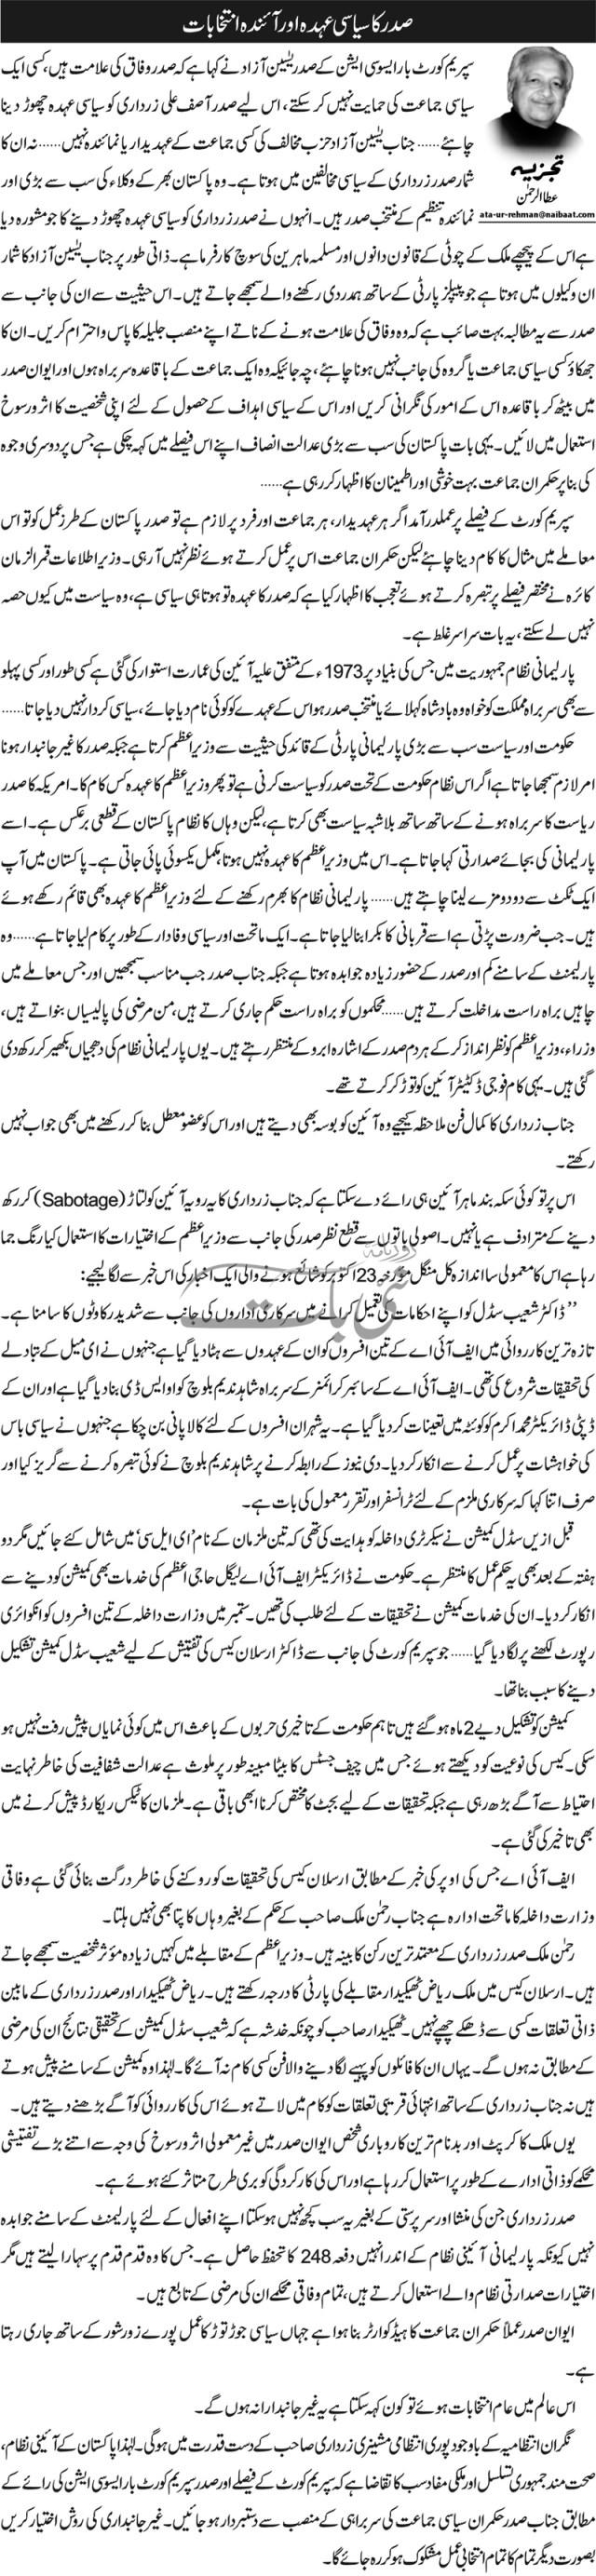 Sadar ka siyasi uhda aur ainda intikhabat - Ata ur Rehman